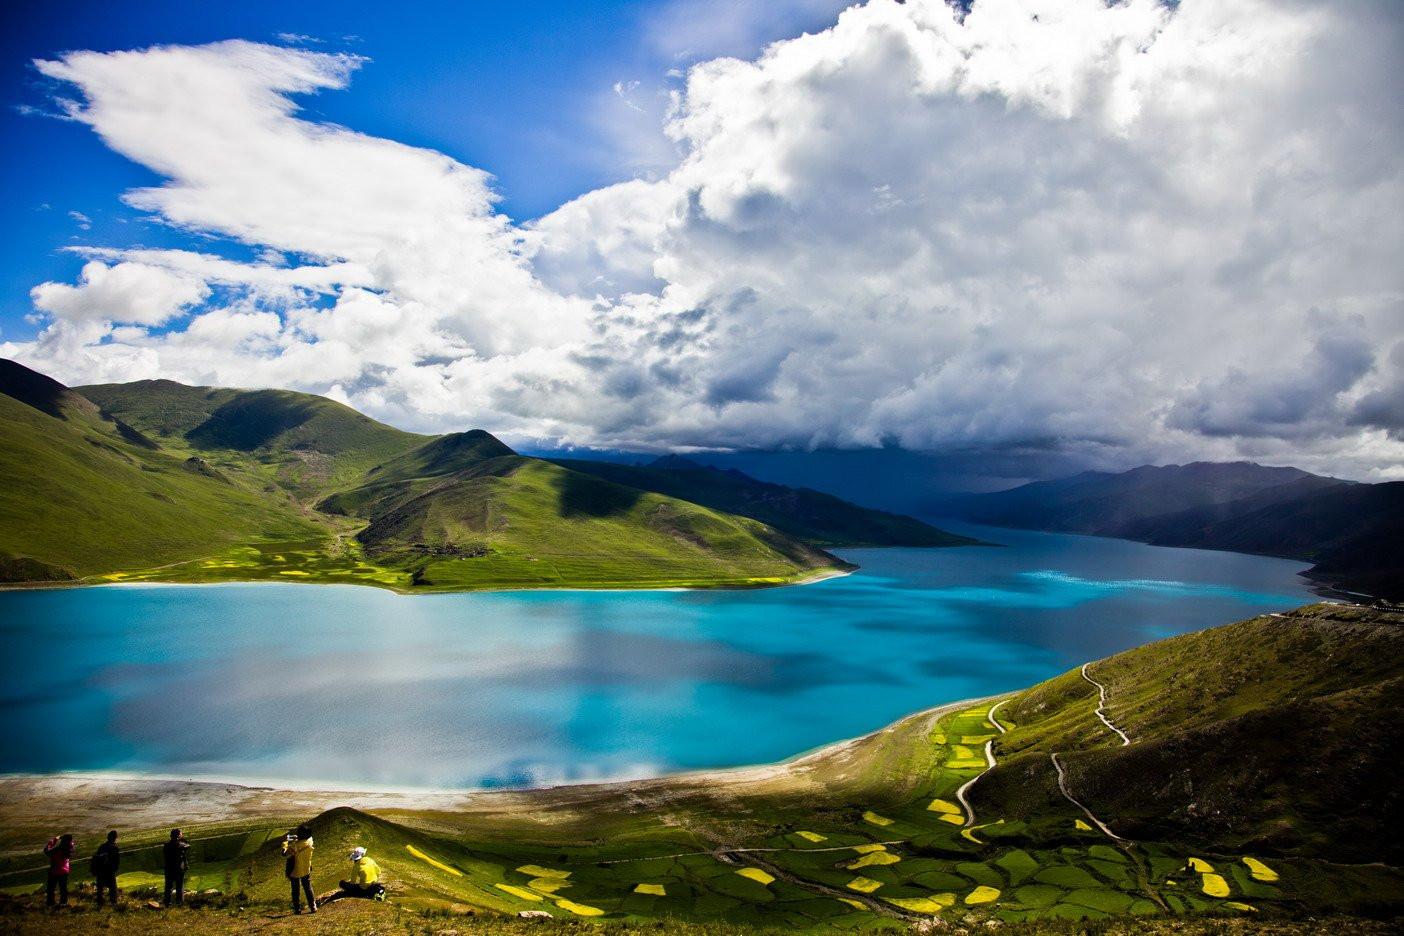 2018醉美西藏--川进青出15日自驾之旅成都散团